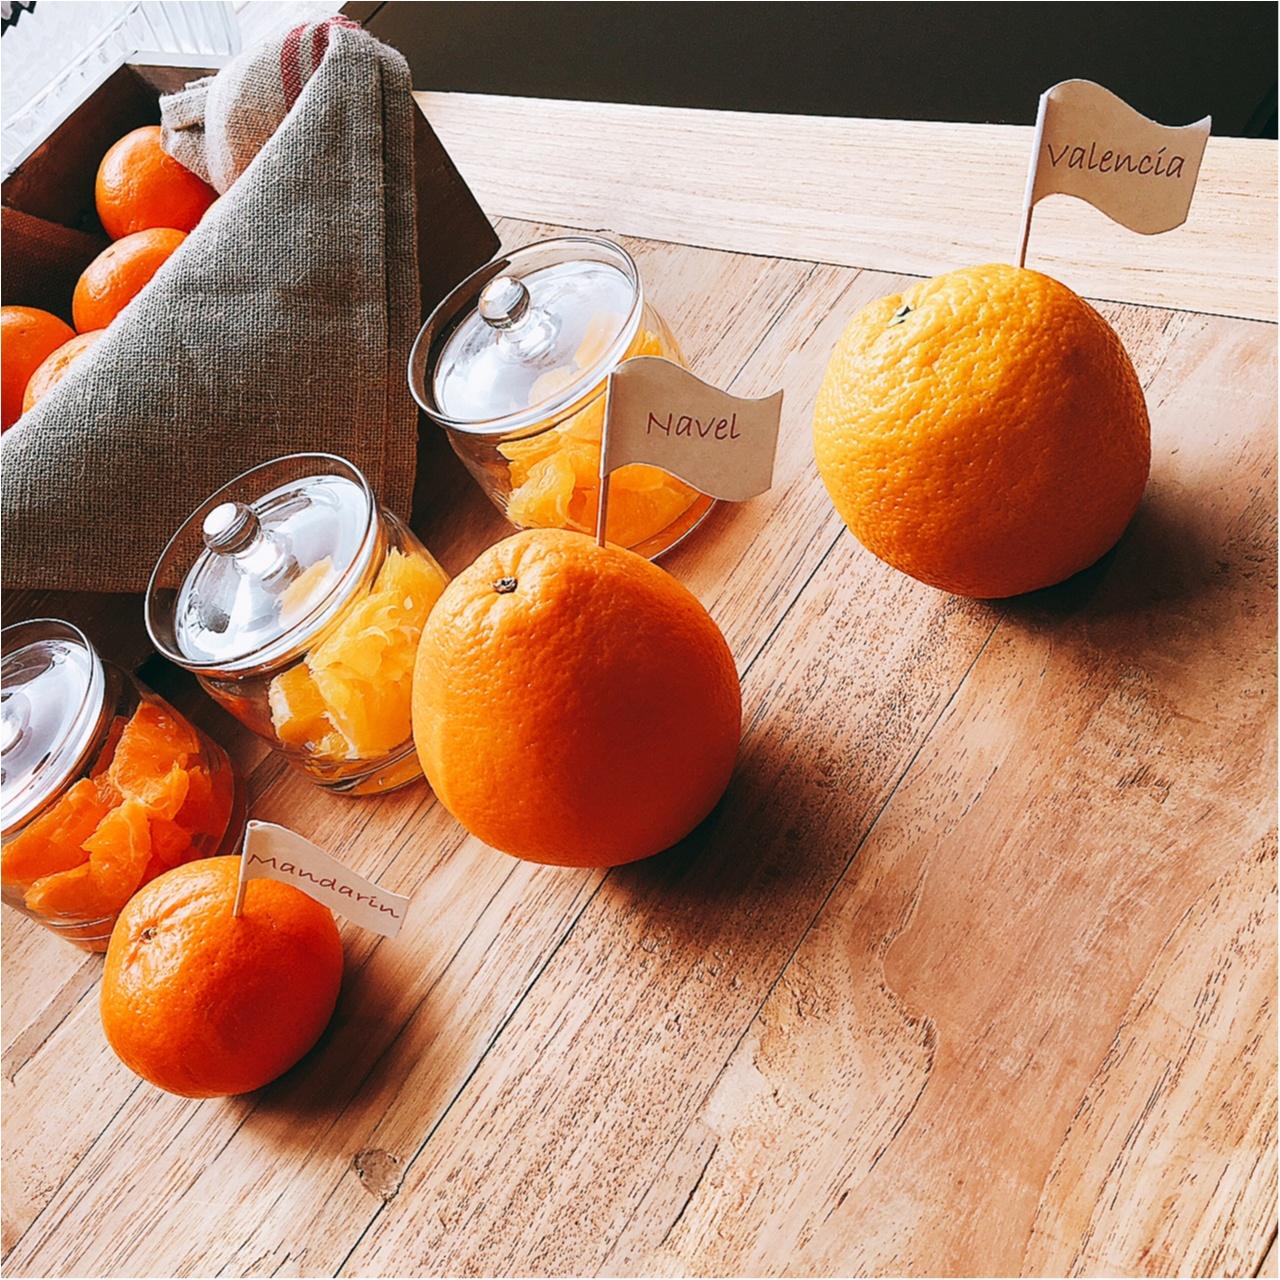 まるでオレンジ丸かじり!!! 『スターバックス』の明日発売の新作フラペチーノはここがすごい!_1